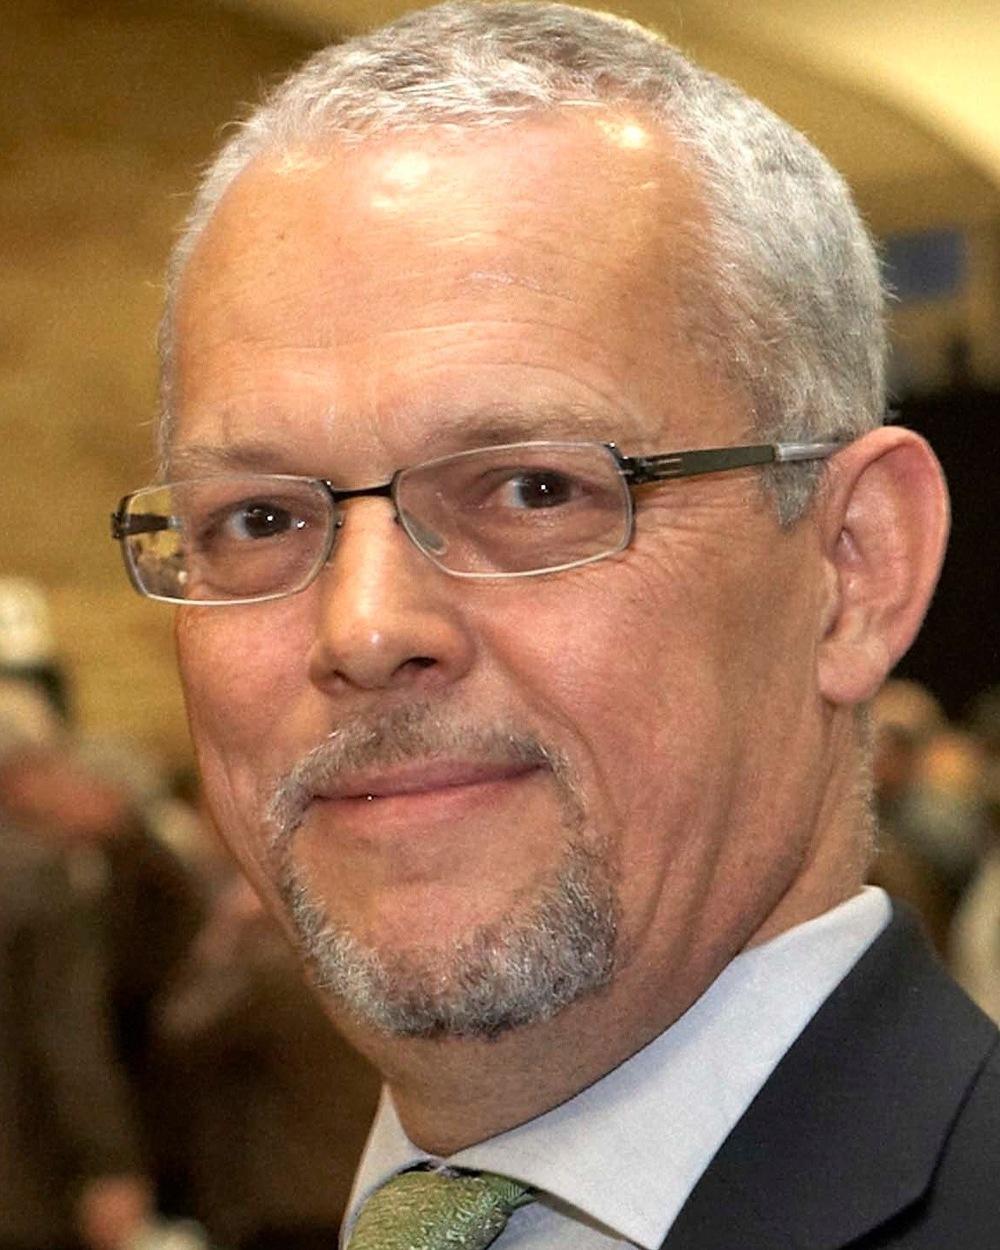 Jef Colruyt